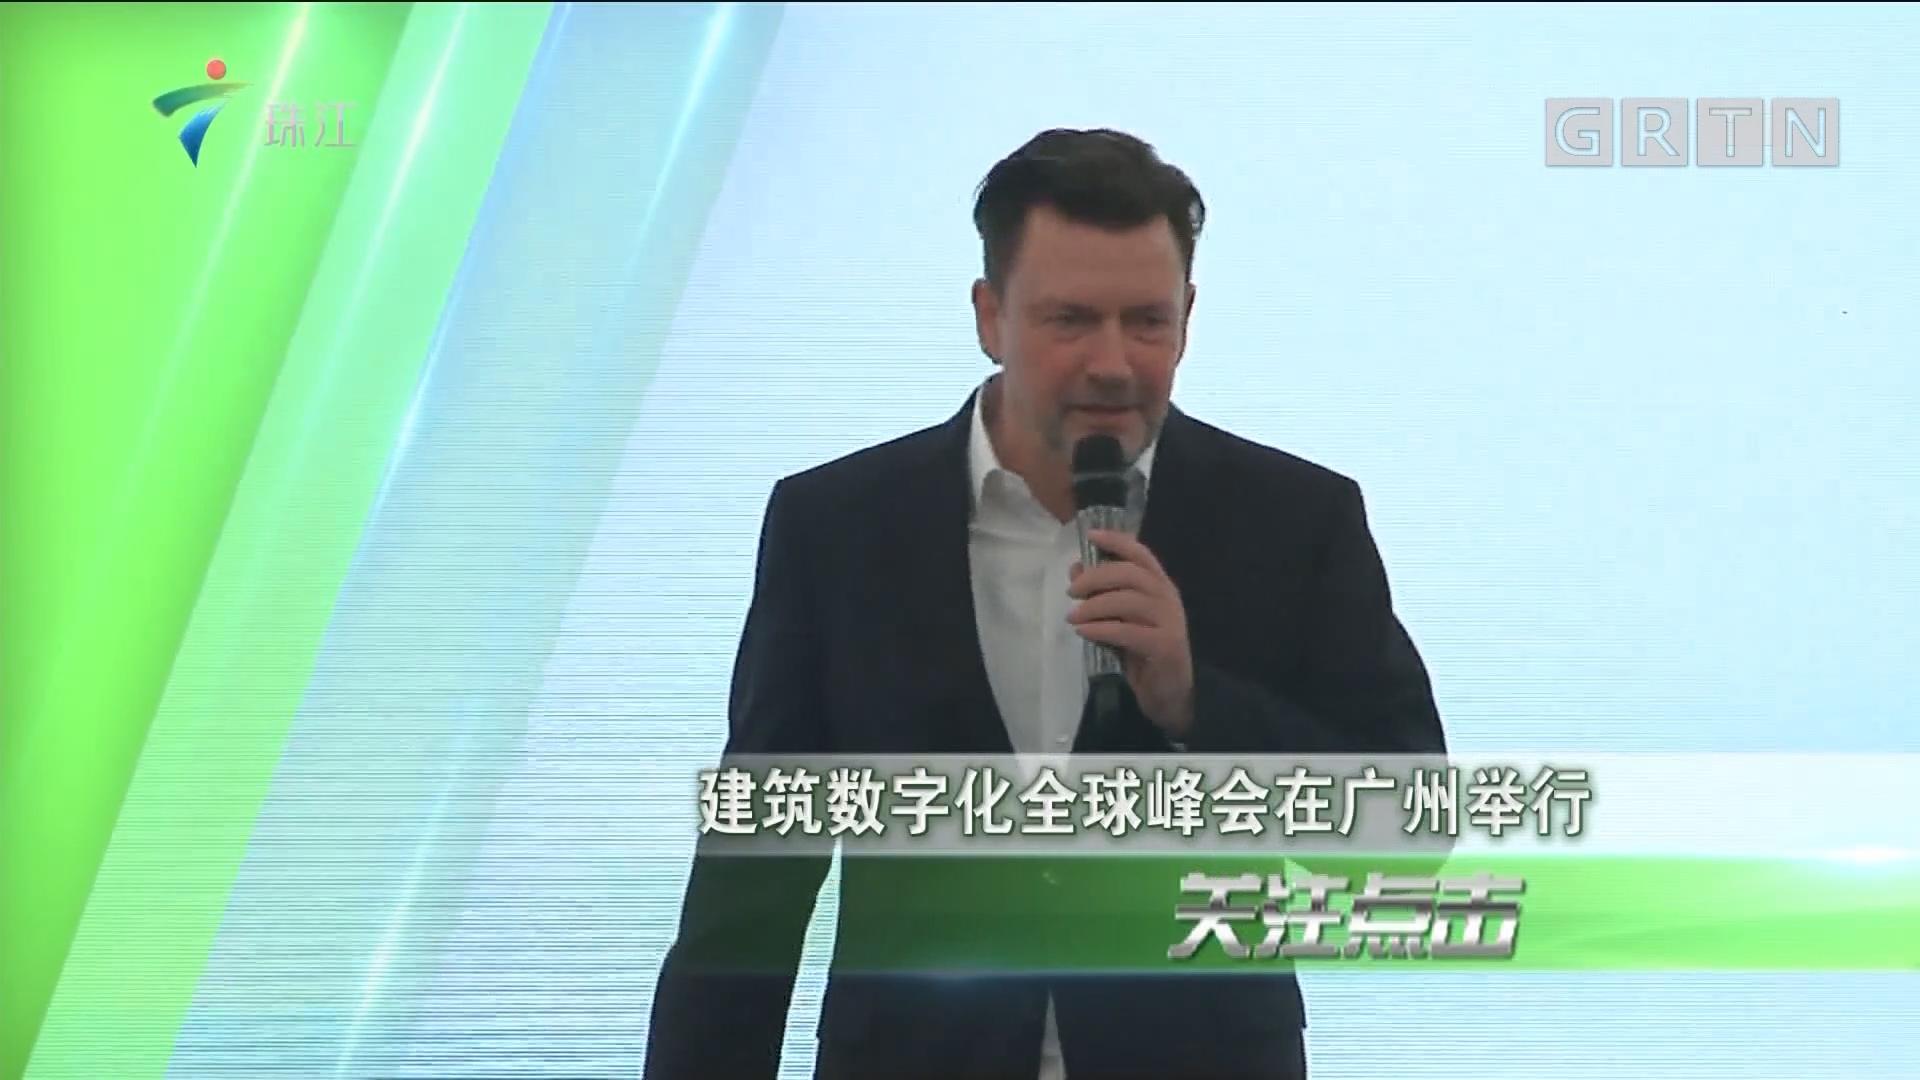 建筑数字化全球峰会在广州举行